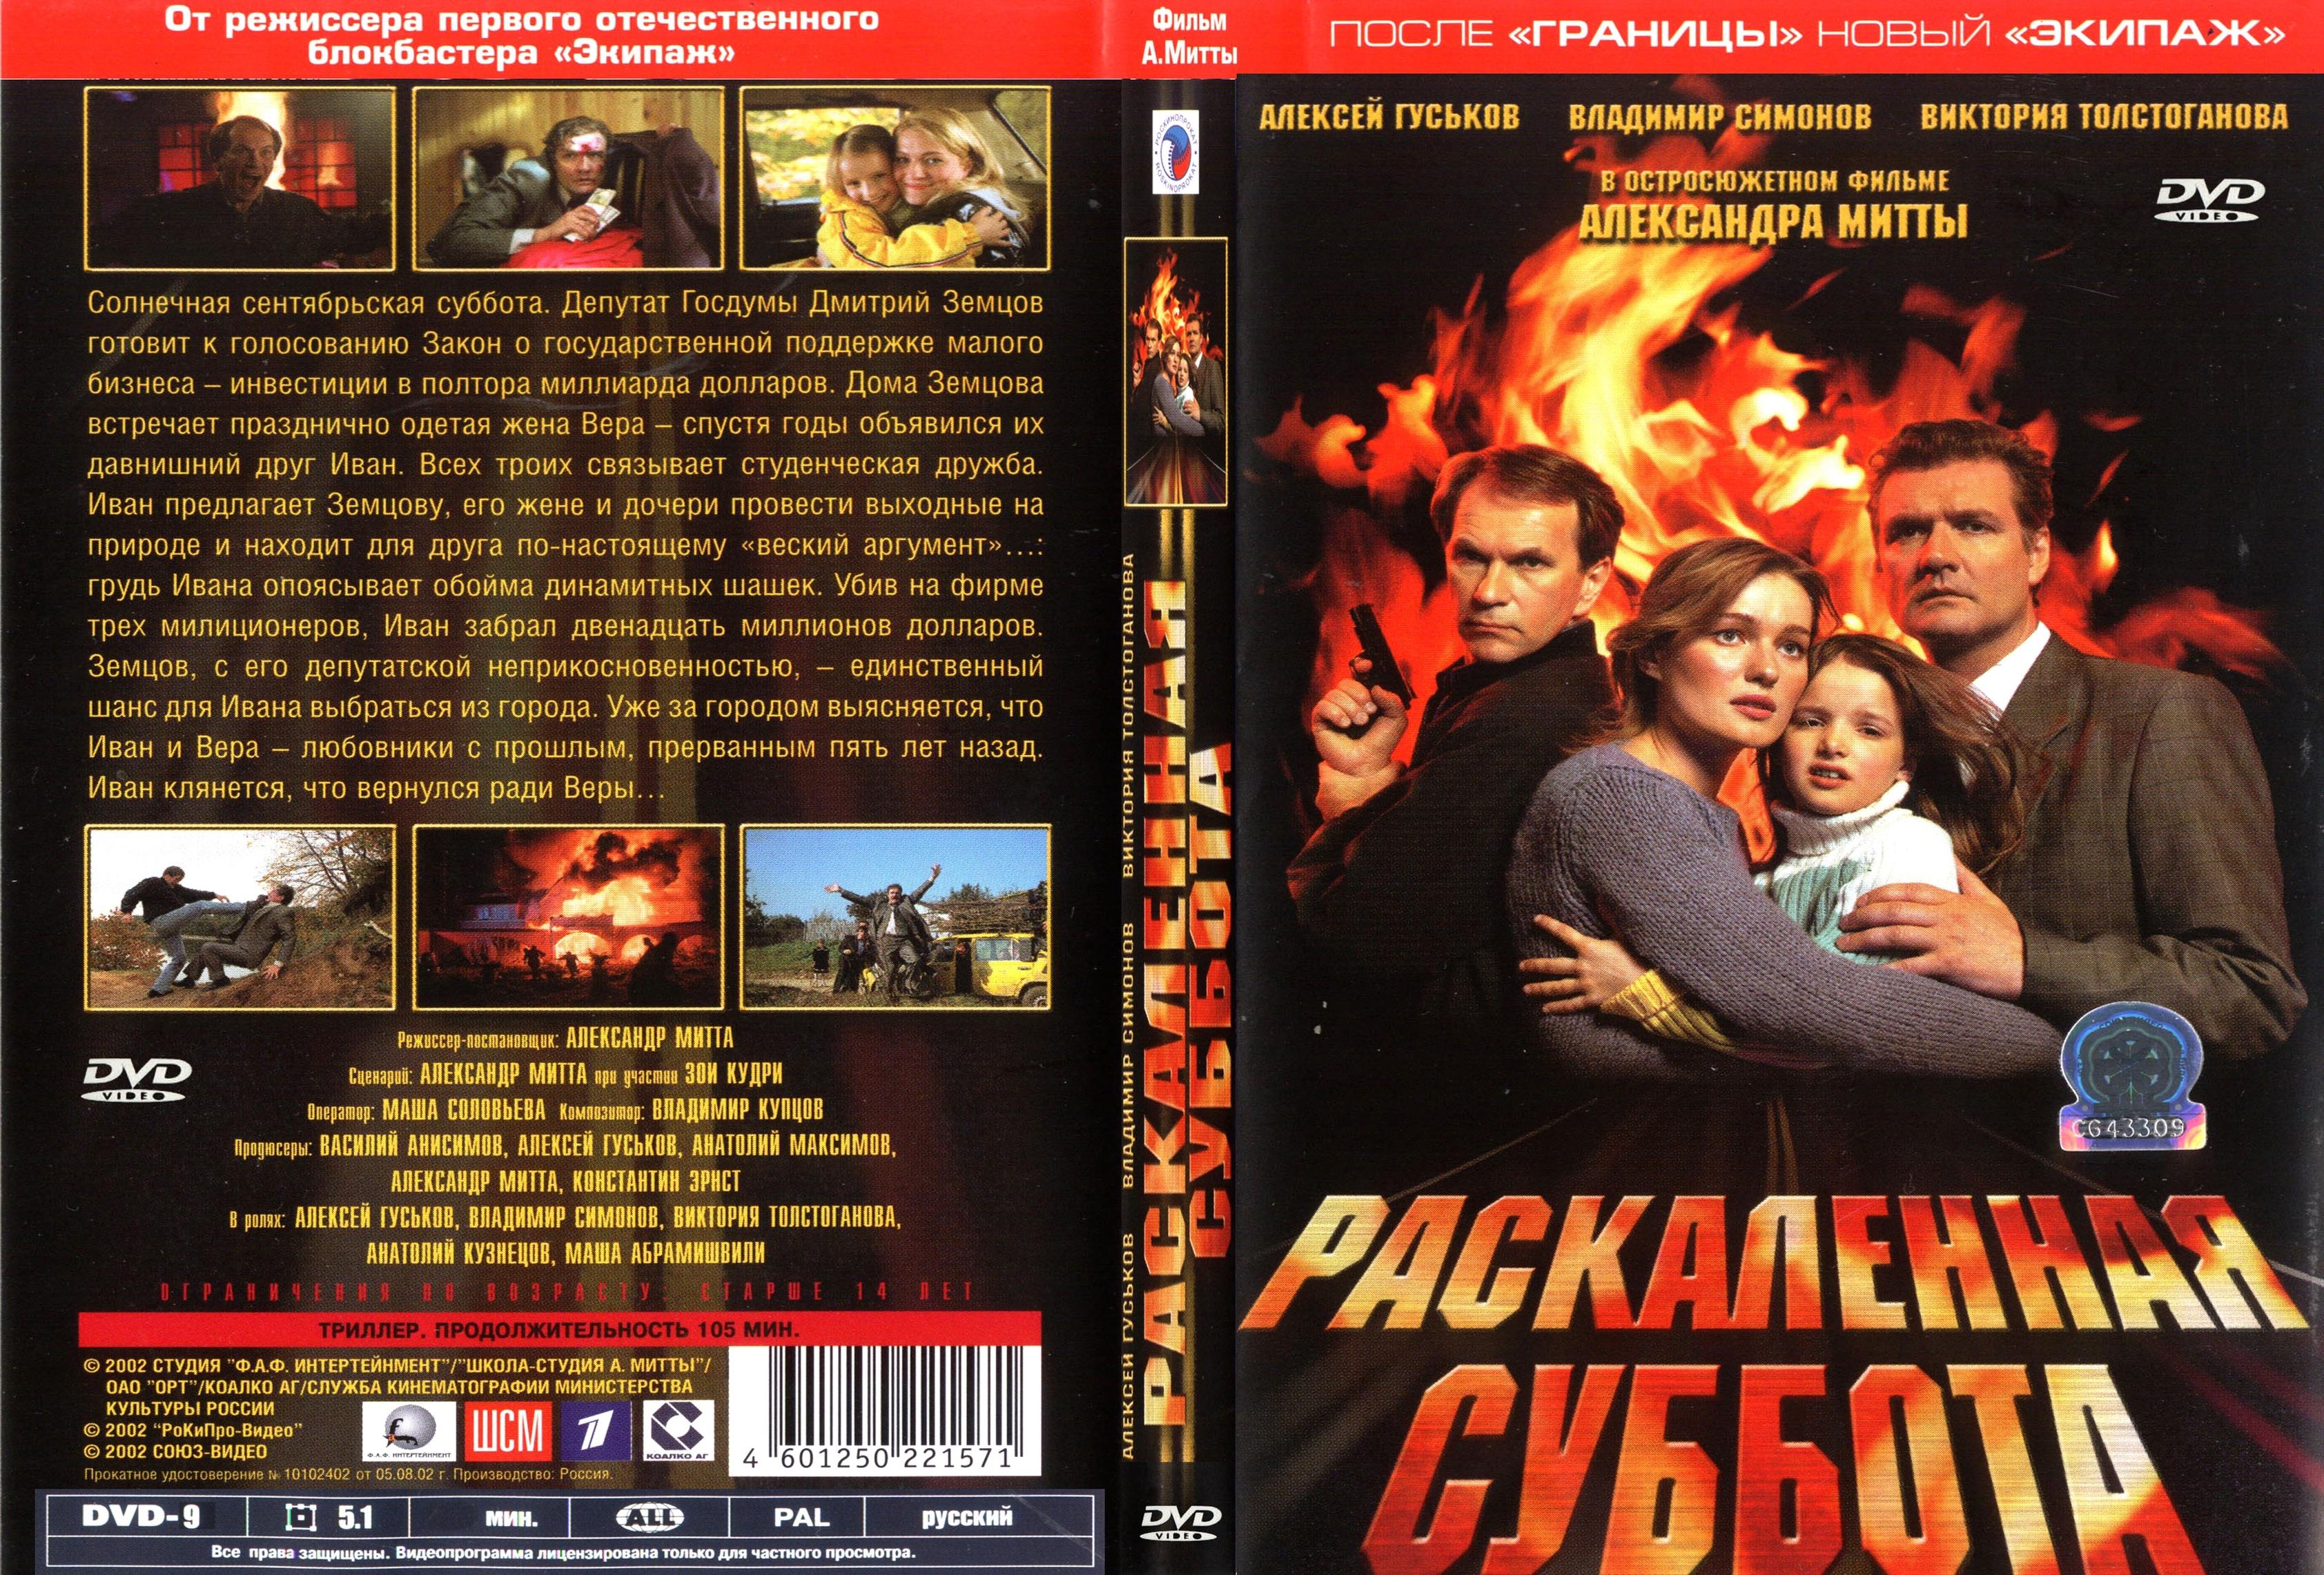 плакат фильма DVD Раскаленная суббота